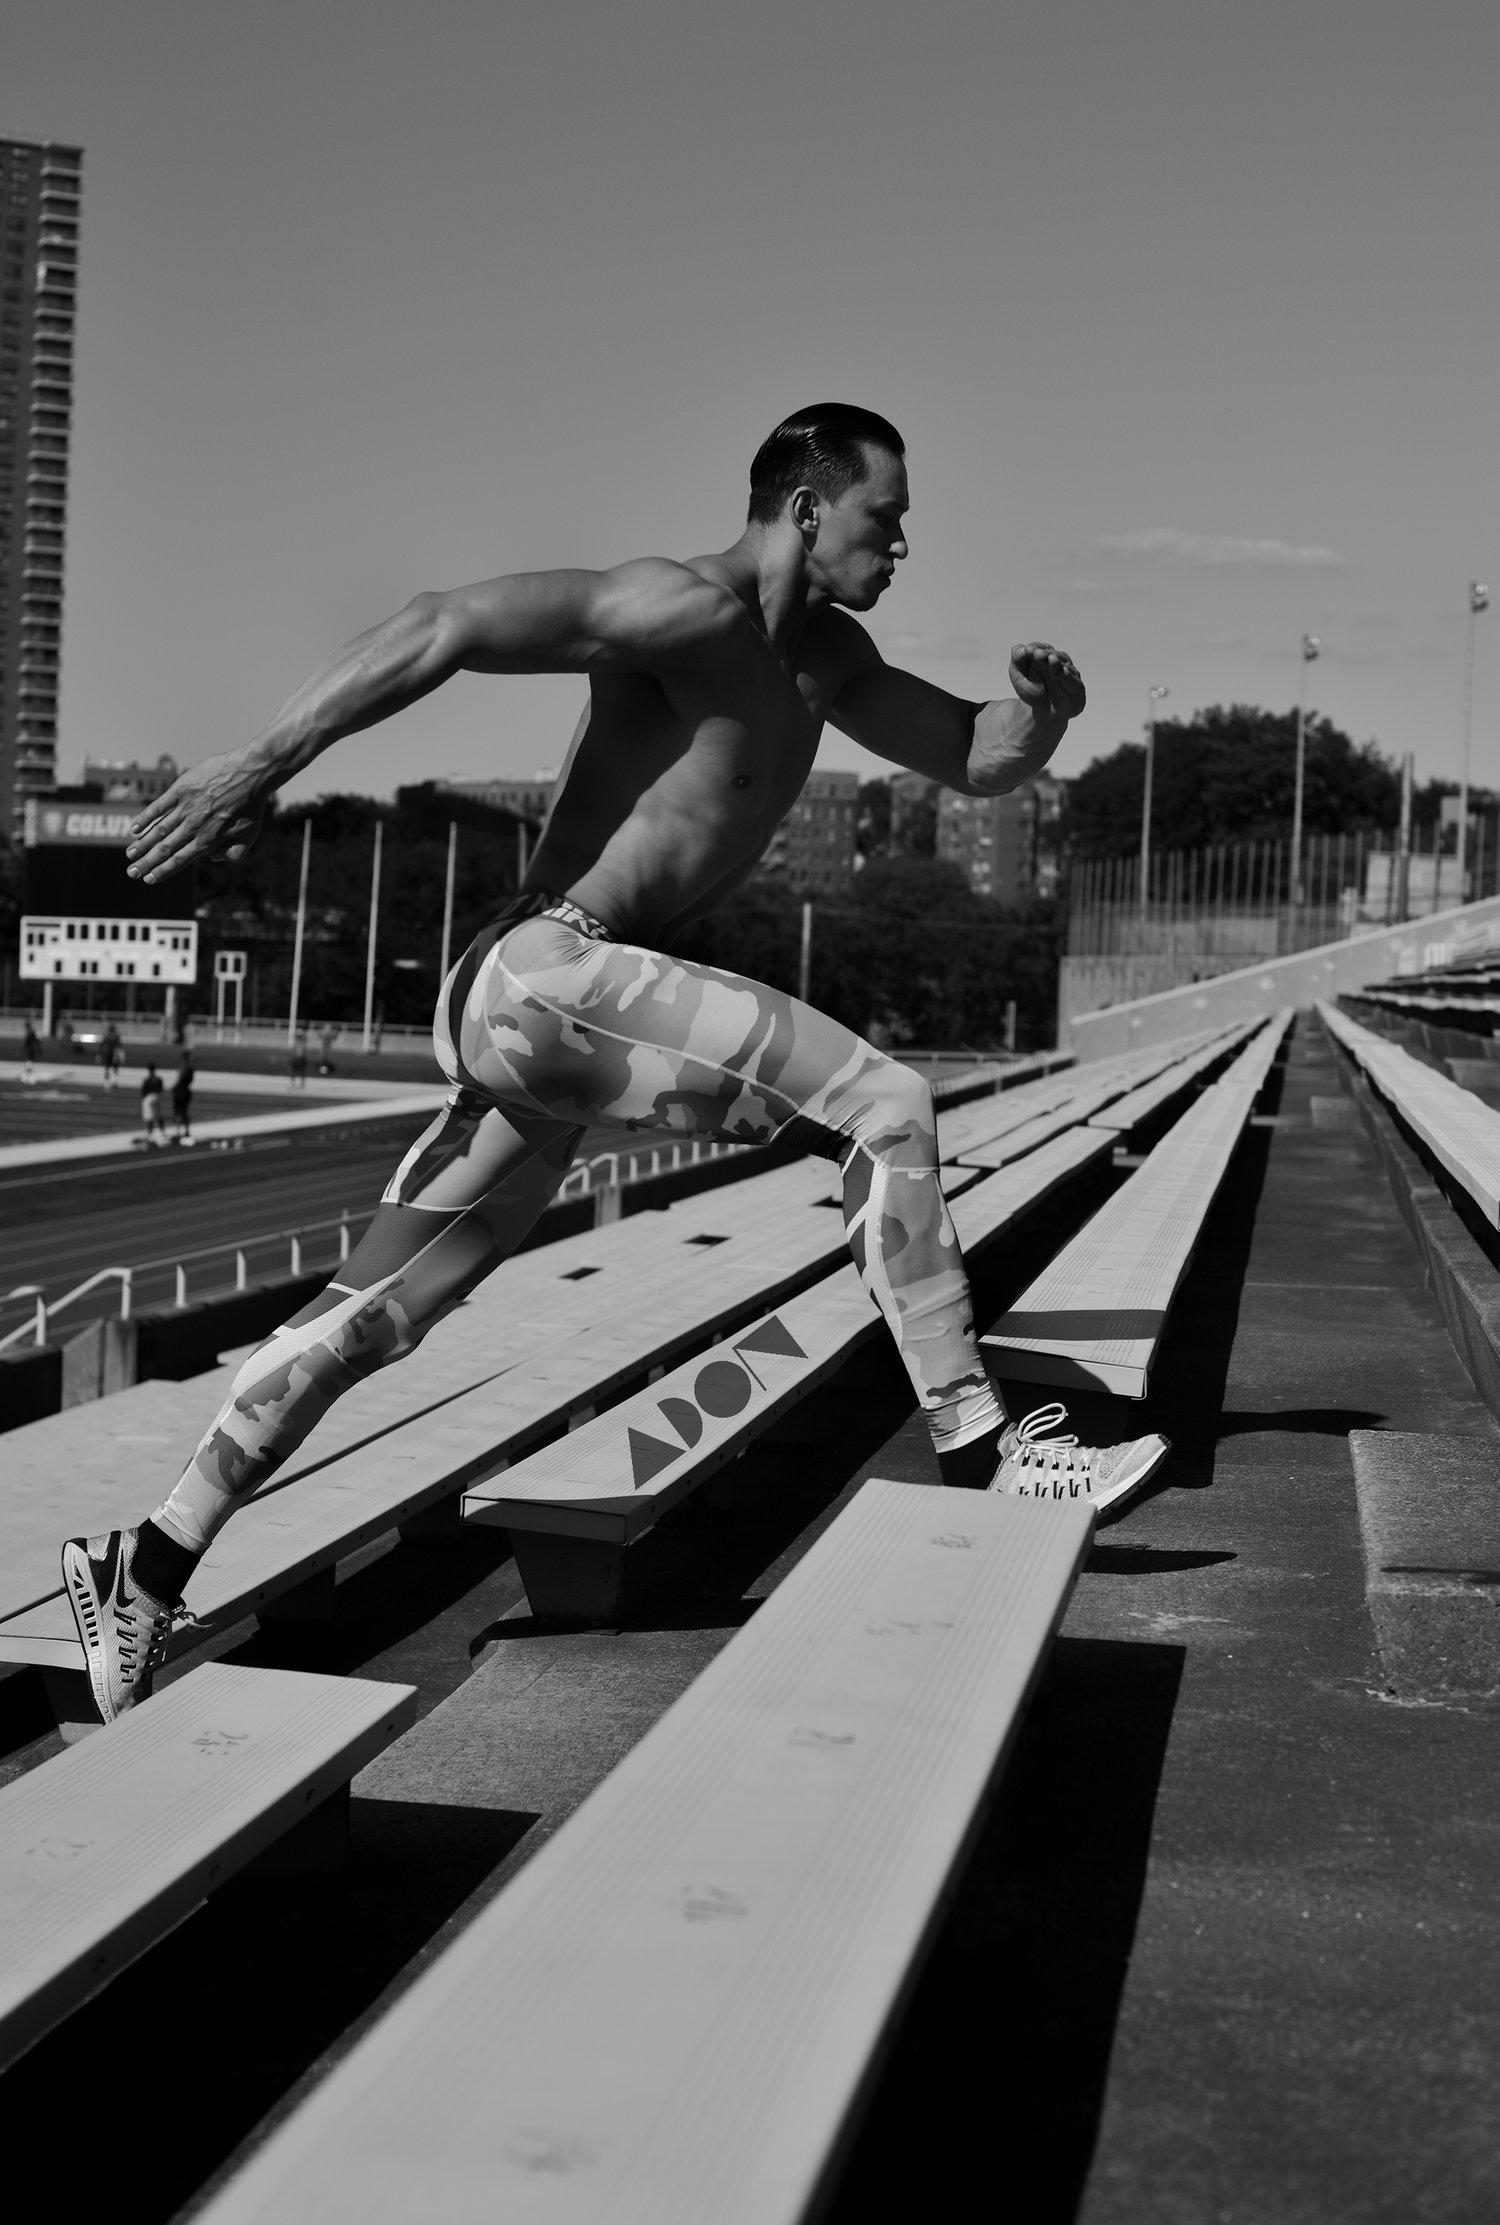 Adon Exclusive: Model Dmytro Paladii By Frank Marando